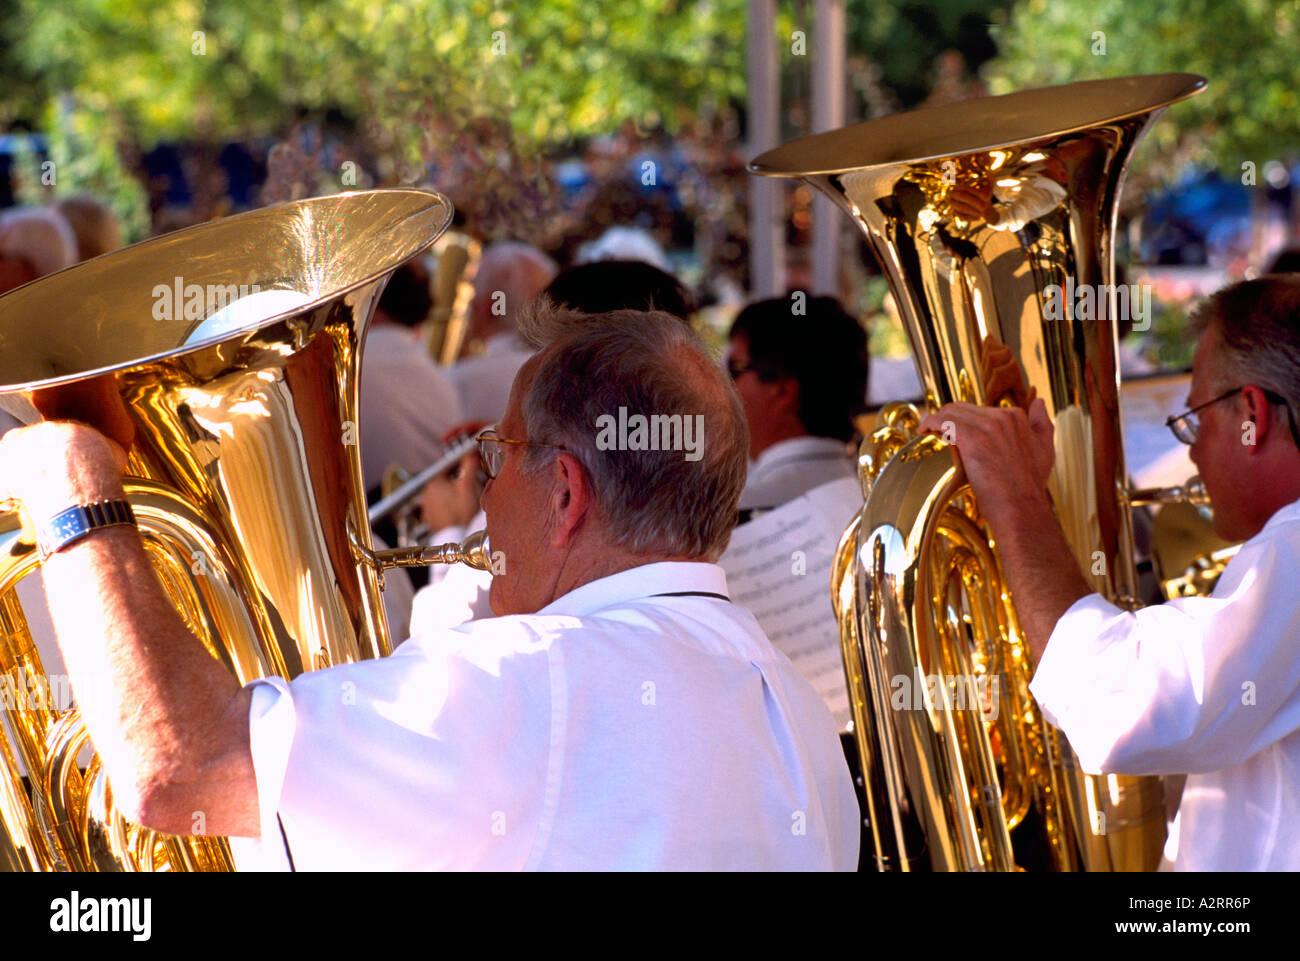 Los altos hombres jugando de Tubas en una banda Foto de stock